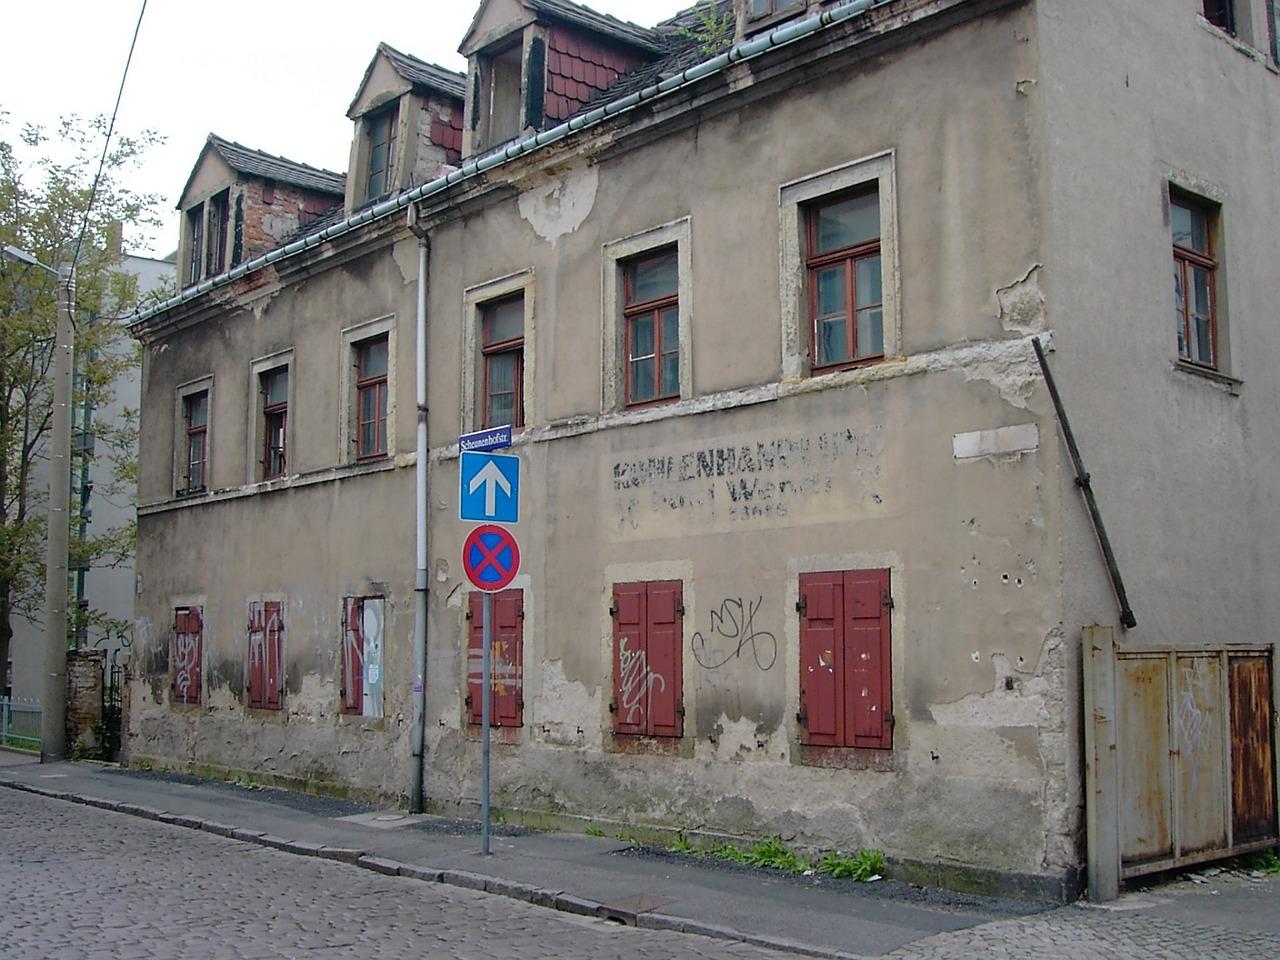 Das Bild zeigt das Haus eines Kohlenhändlers.